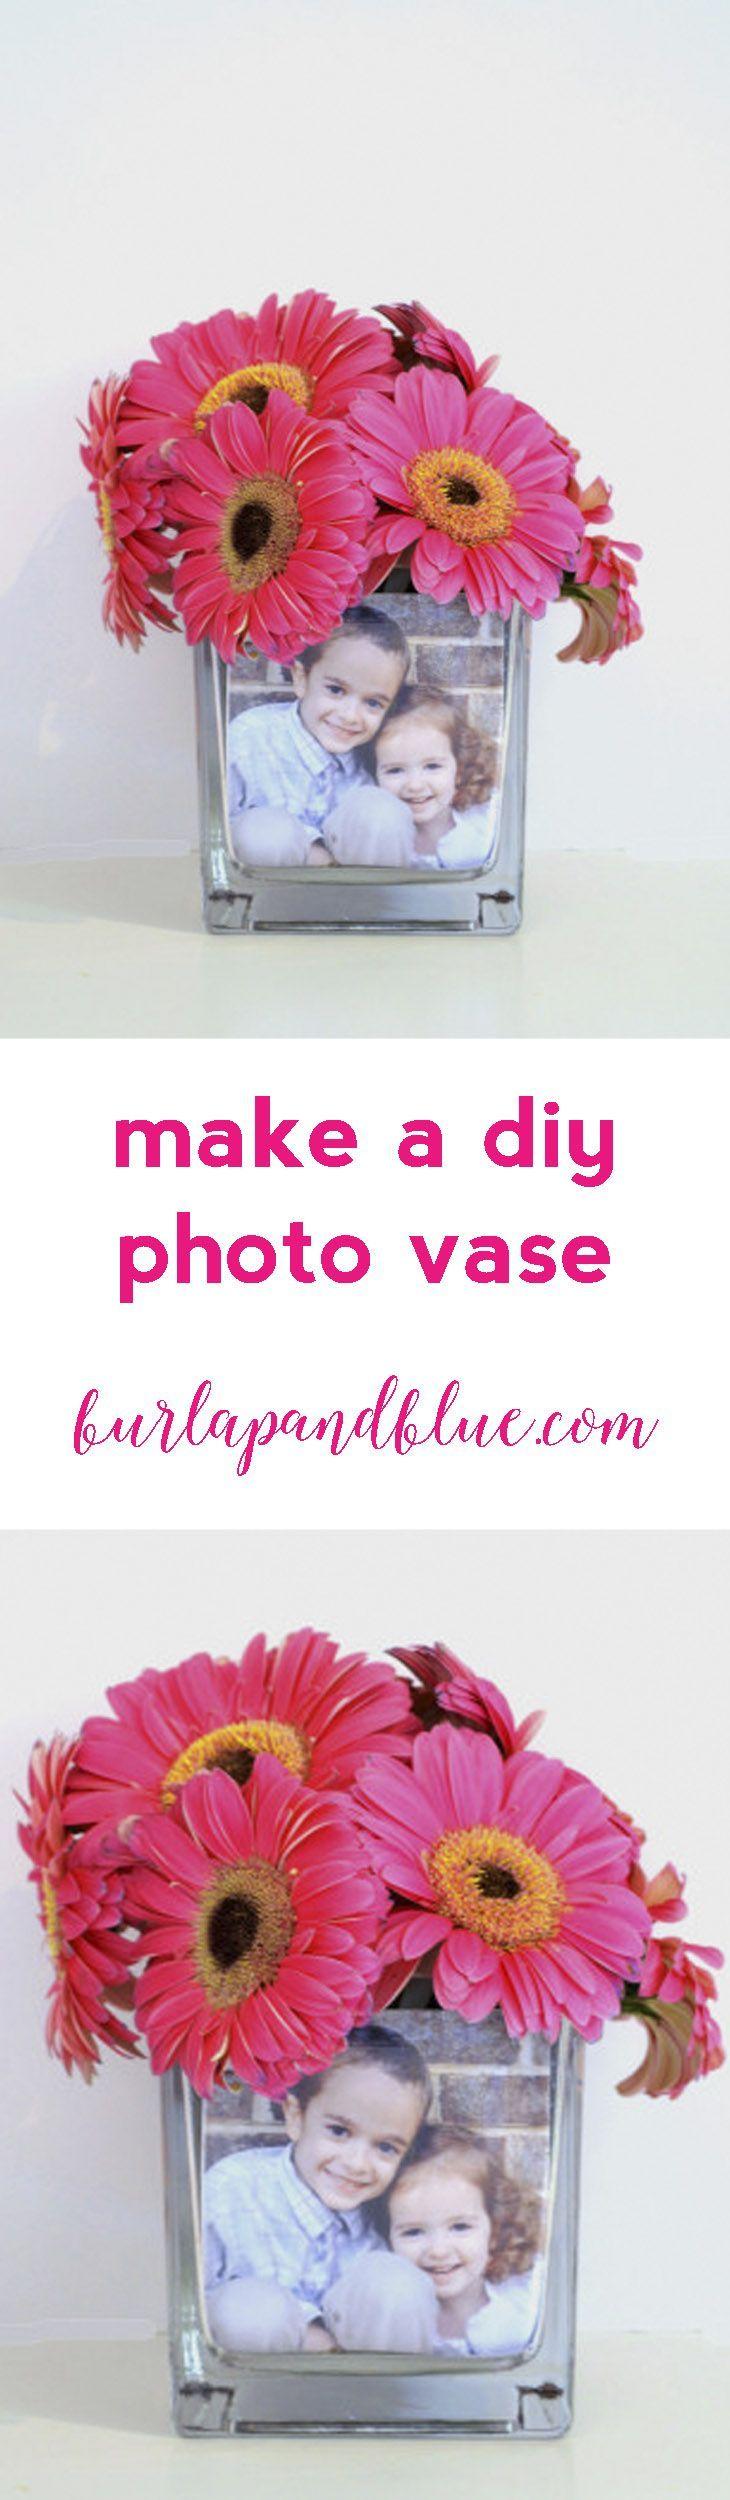 make a DIY photo vase with Mod Podge!